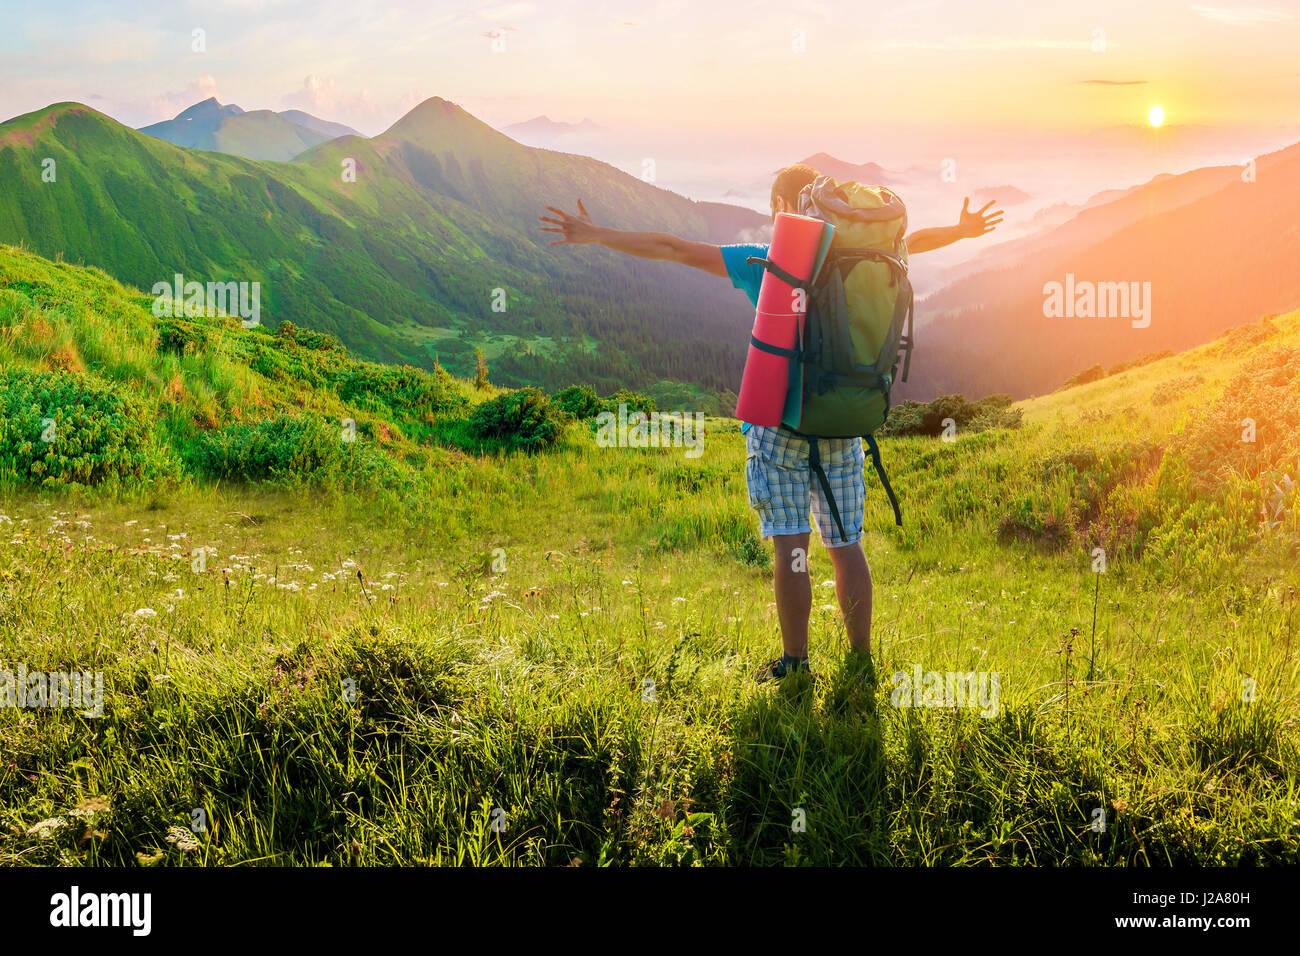 Trilheiros com uma mochila de pé em montanhas. Natureza exuberante paisagem. Efeito de luz suave Imagens de Stock